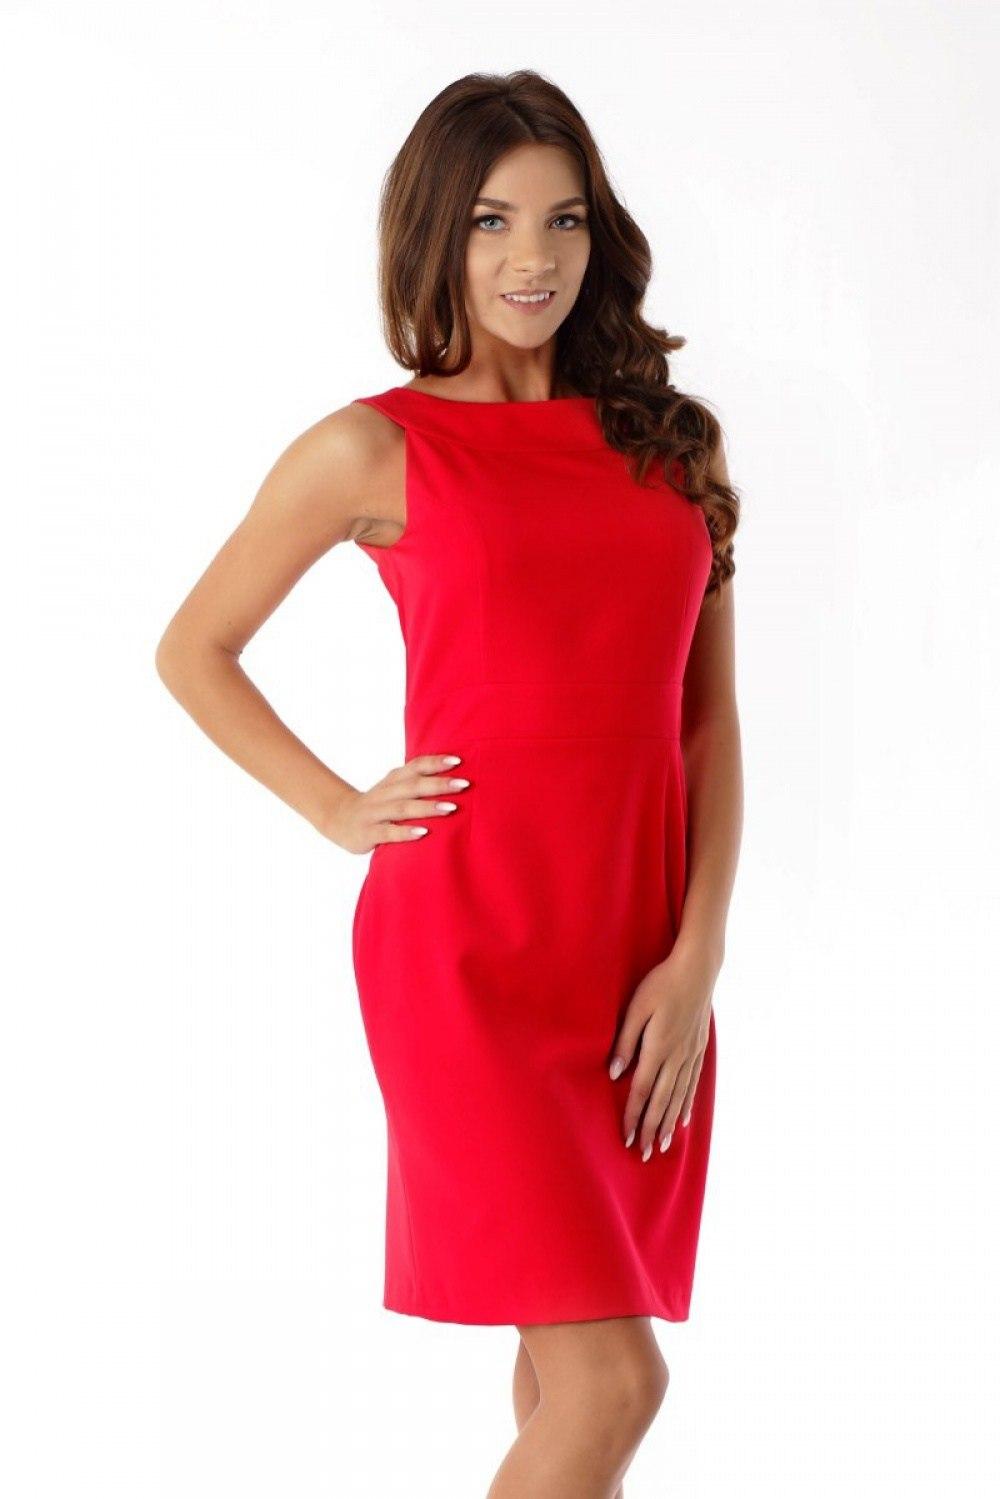 8693cdcc7e Dopasowana sukienka odcięta w pasie ED06-1 Red - 7175633835 - oficjalne  archiwum allegro